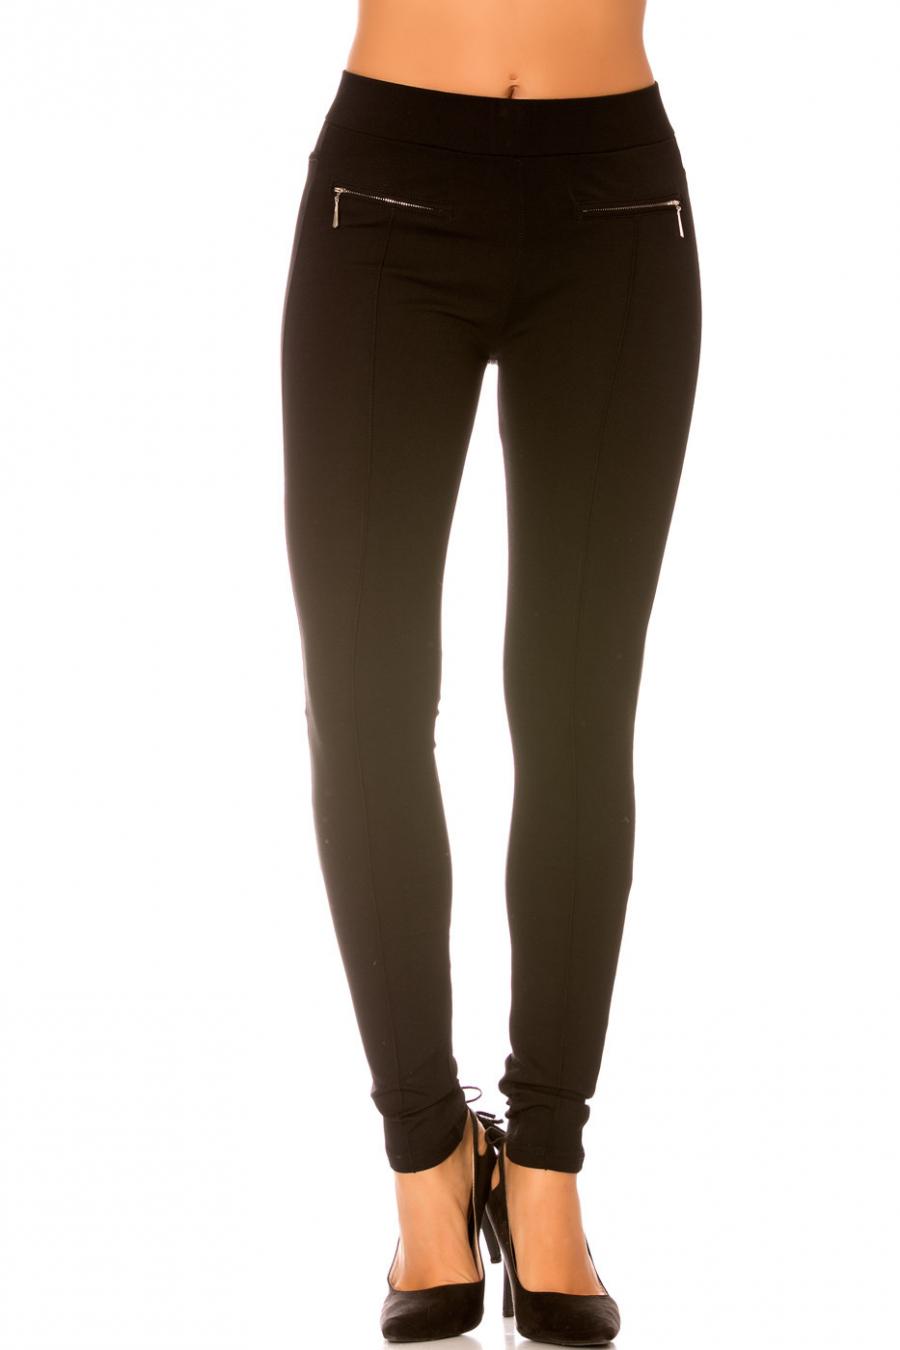 Pantalon Noir avec Zip invisible sur le côté - SD035